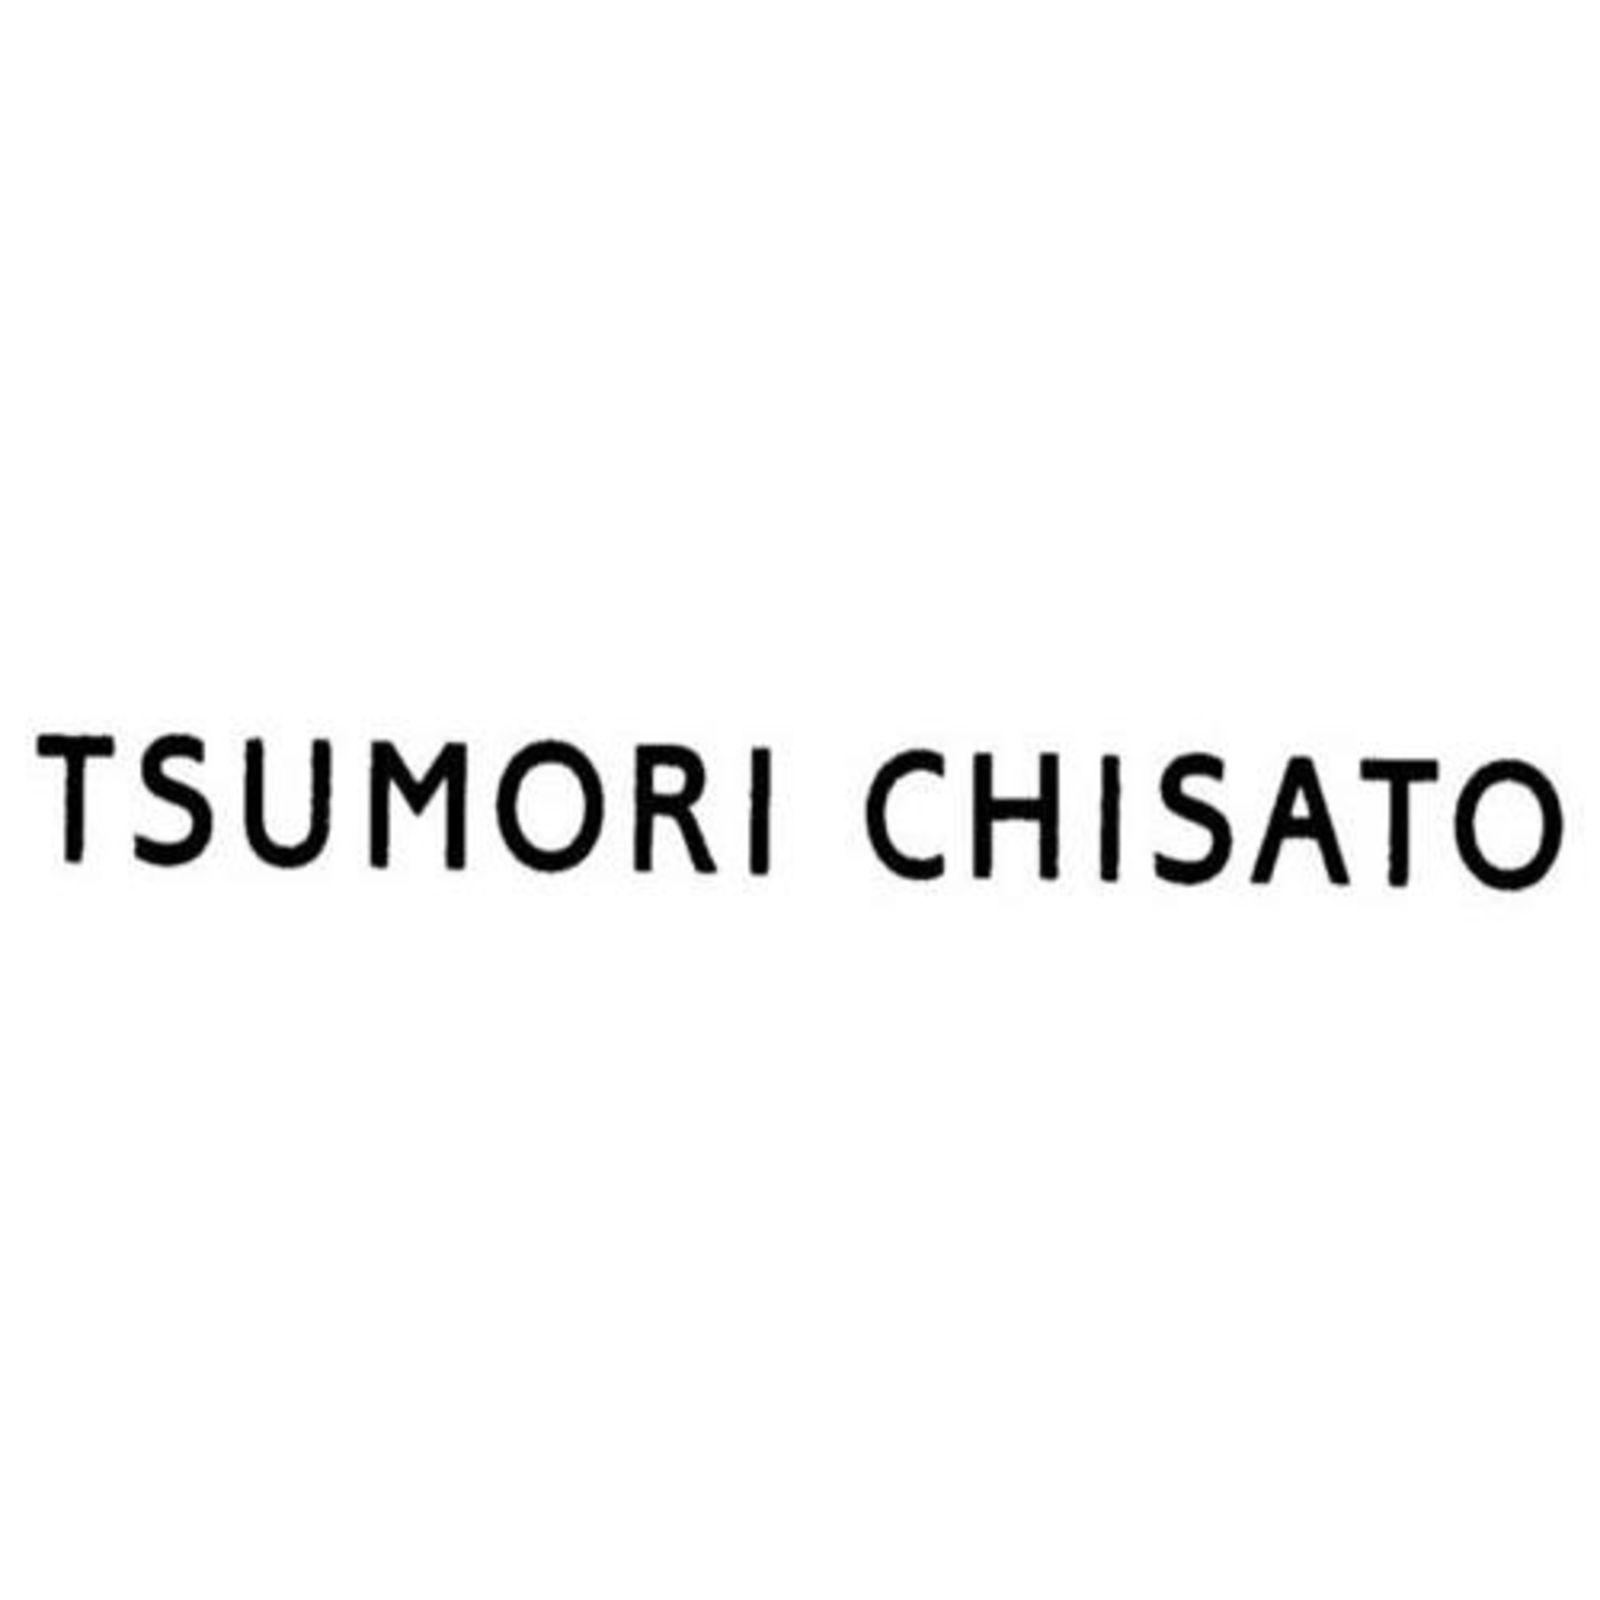 TSUMORI CHISATO (Bild 1)